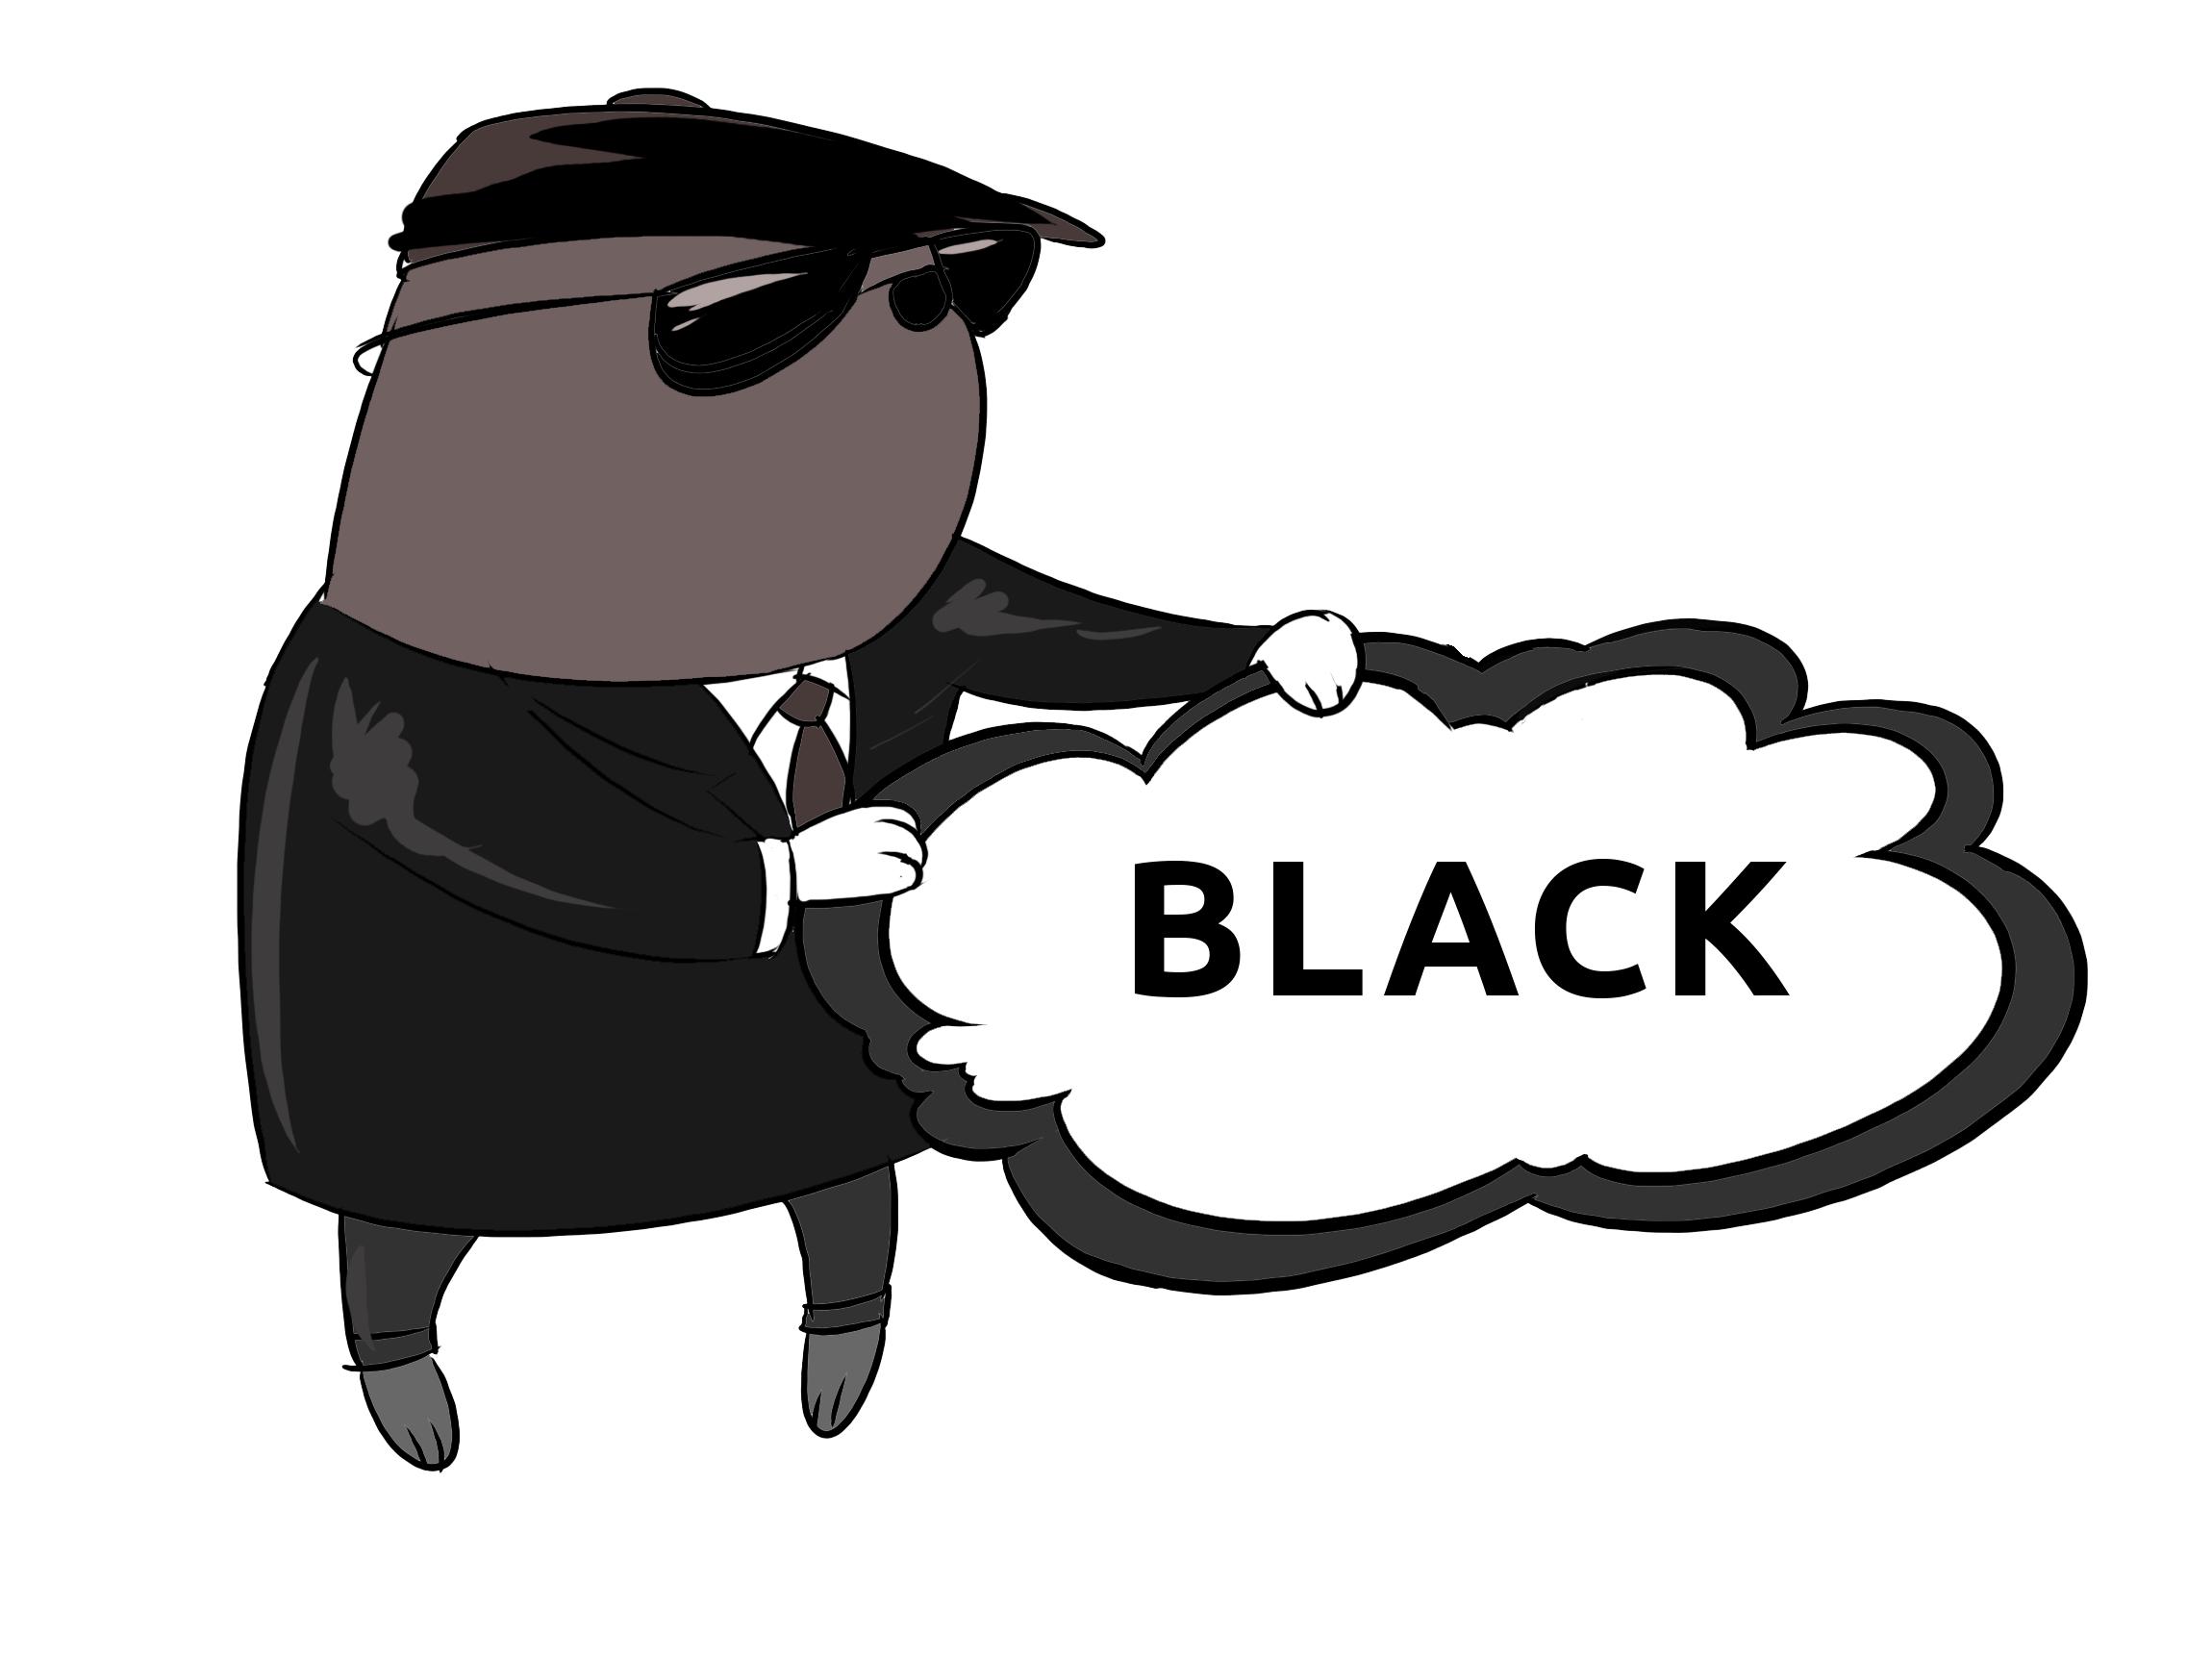 Schwarz - Black Farben lernen Clipart, Bilder für Schule und Kindergarten